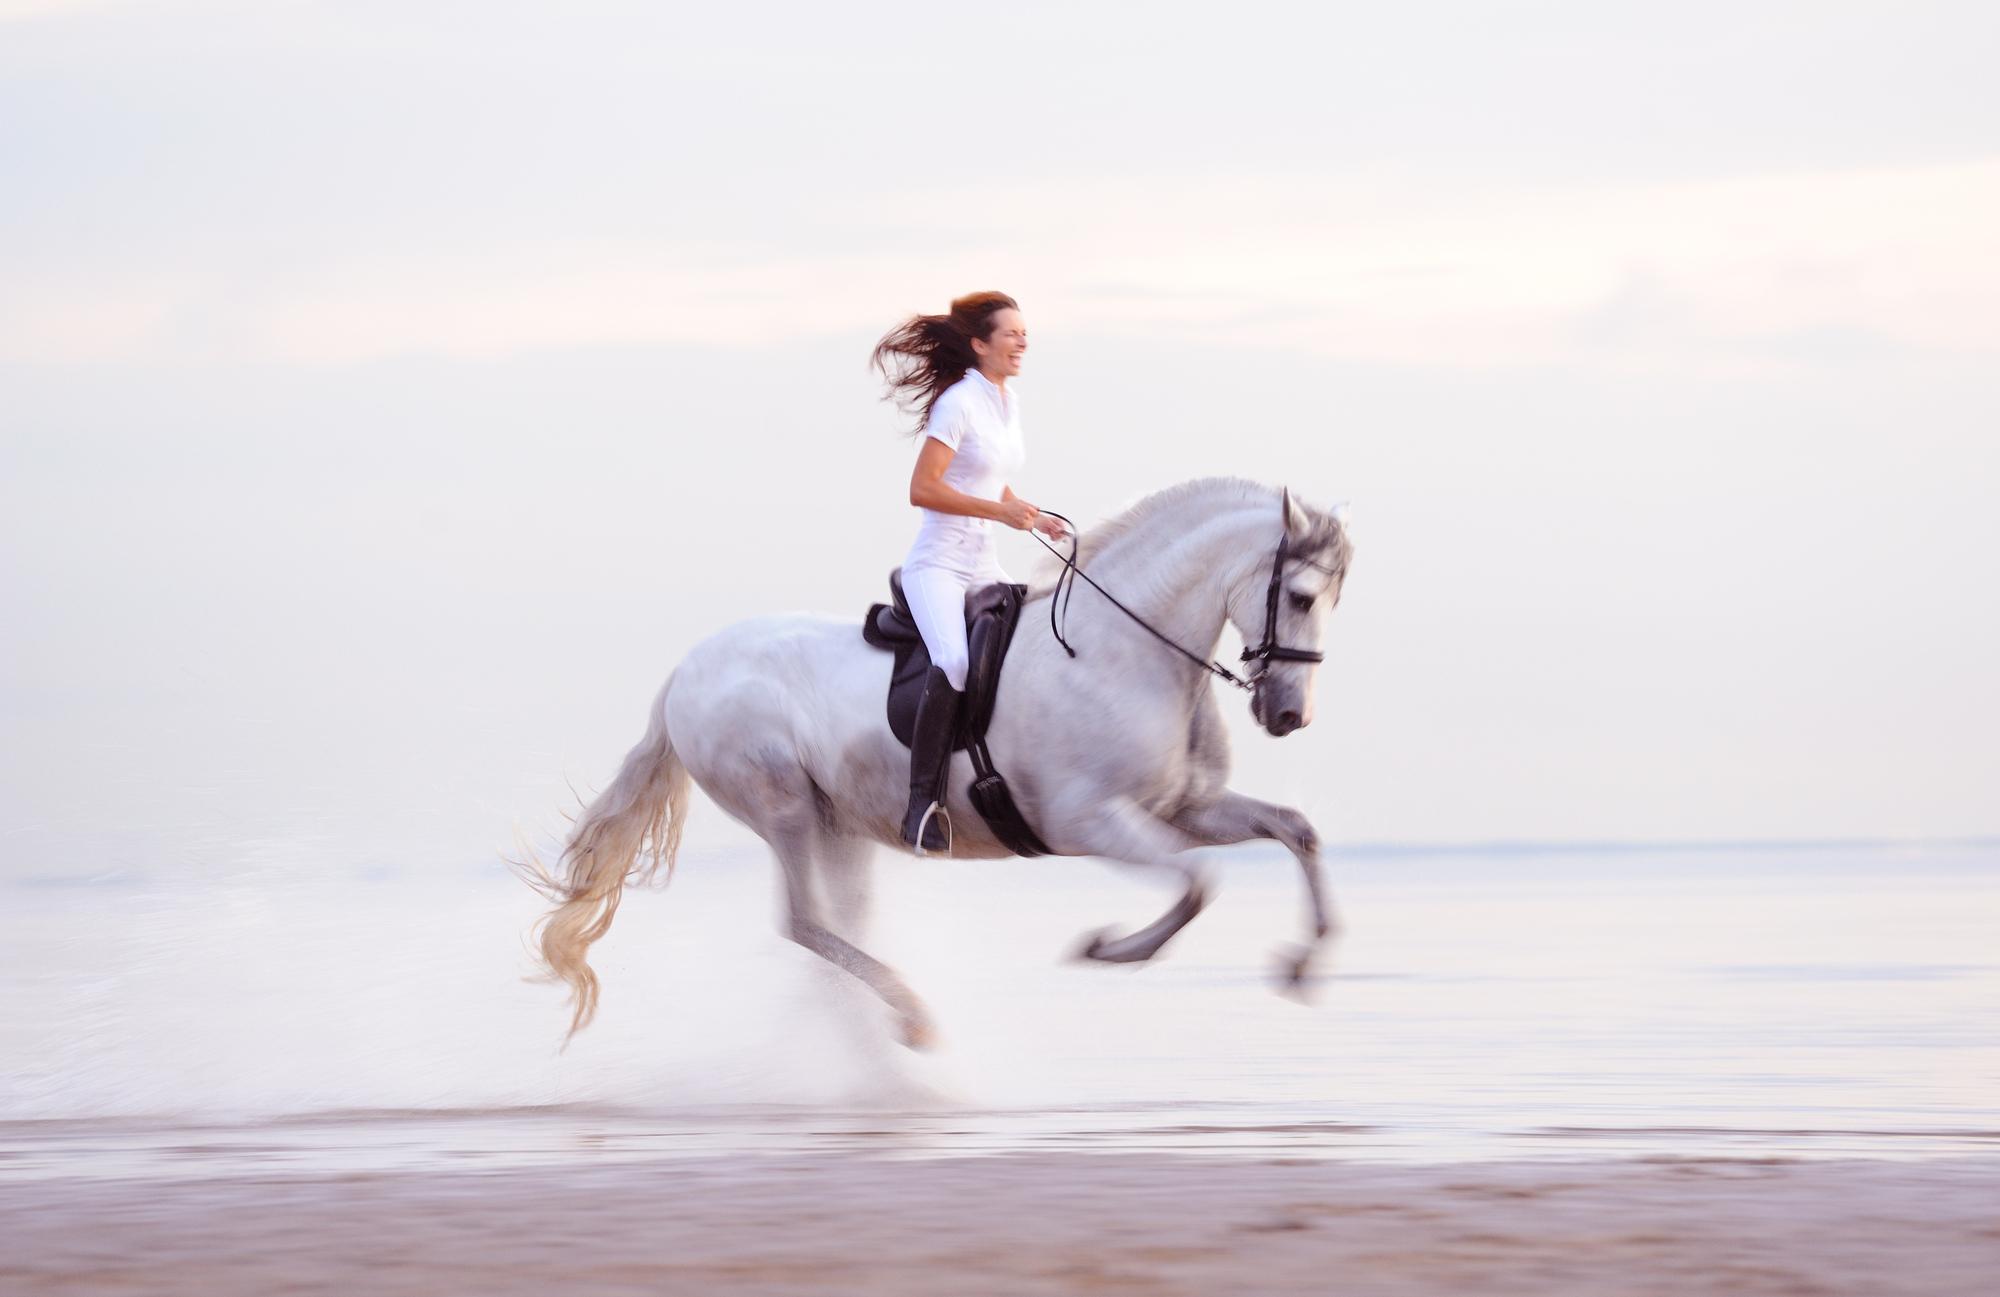 Зачем заводить собаку (или лошадь)?  - фото 2000-e88c9e91752e0be0febe8905f9d63f54, главная Разное Содержание лошади Тренинг , конный журнал EquiLIfe